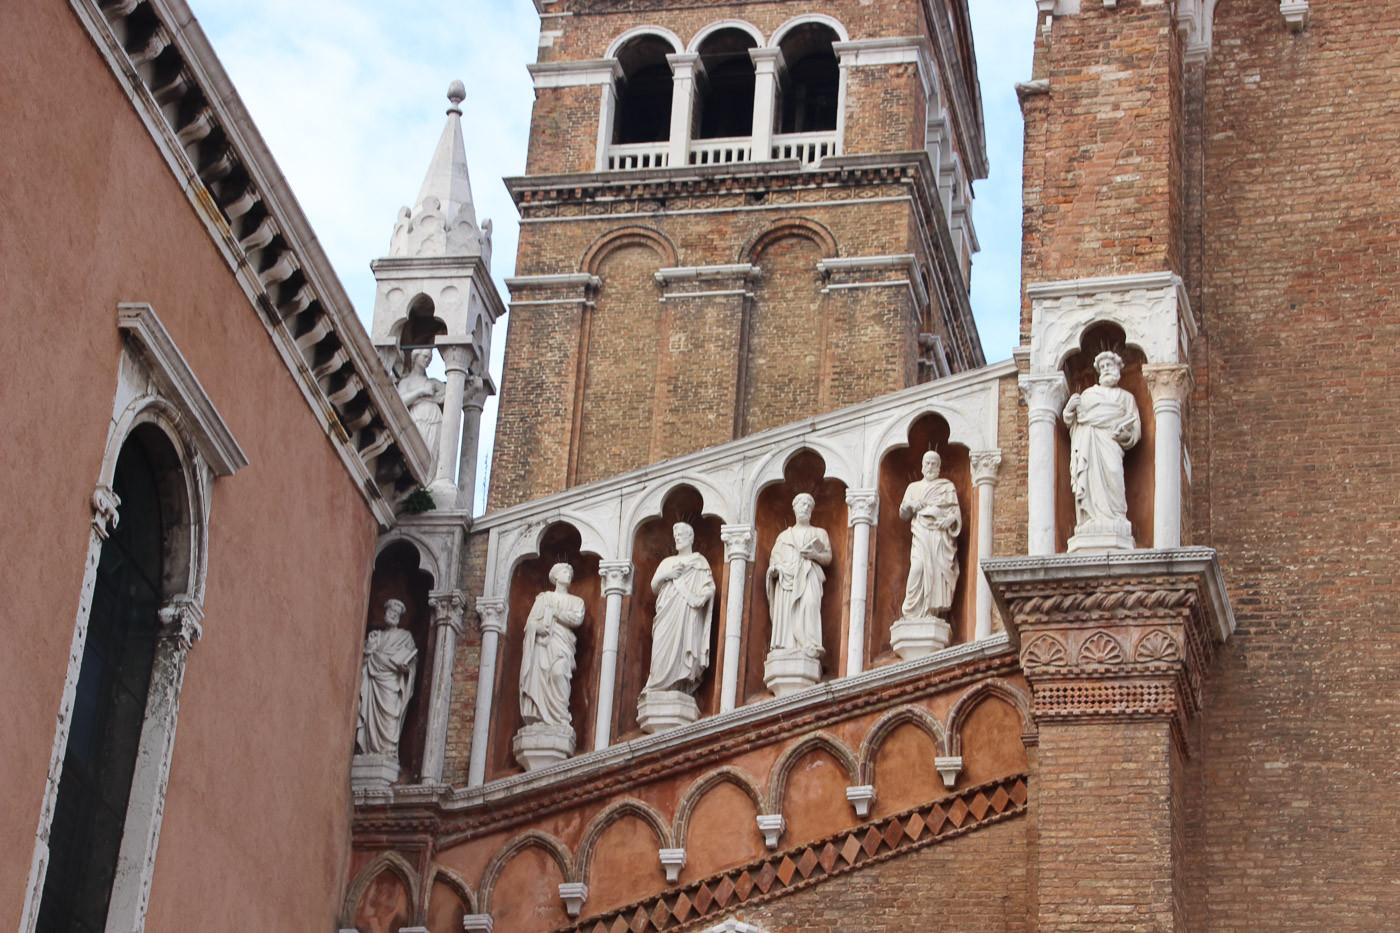 Detalle apóstoles en fachada